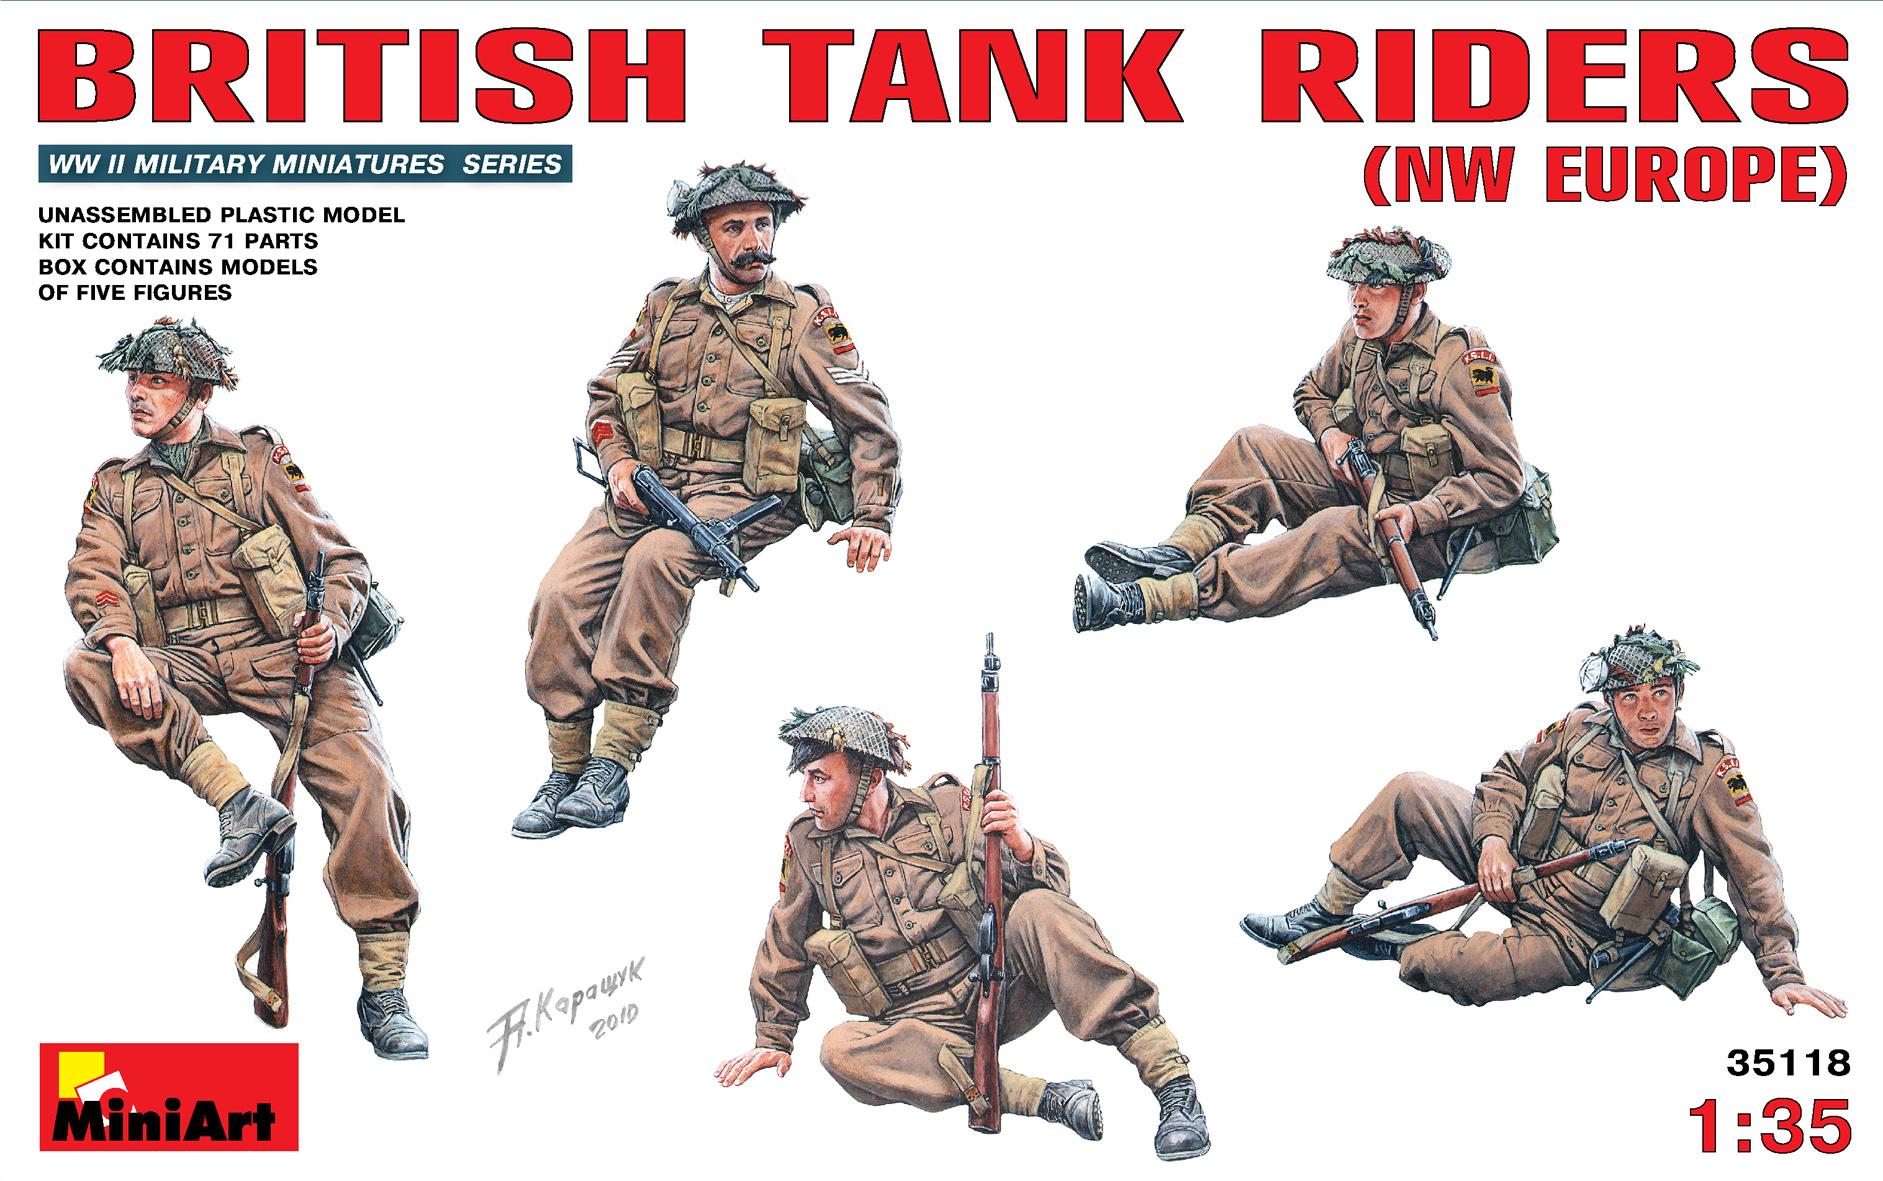 35118 BRITISH TANK RIDERS (NW EUROPE)